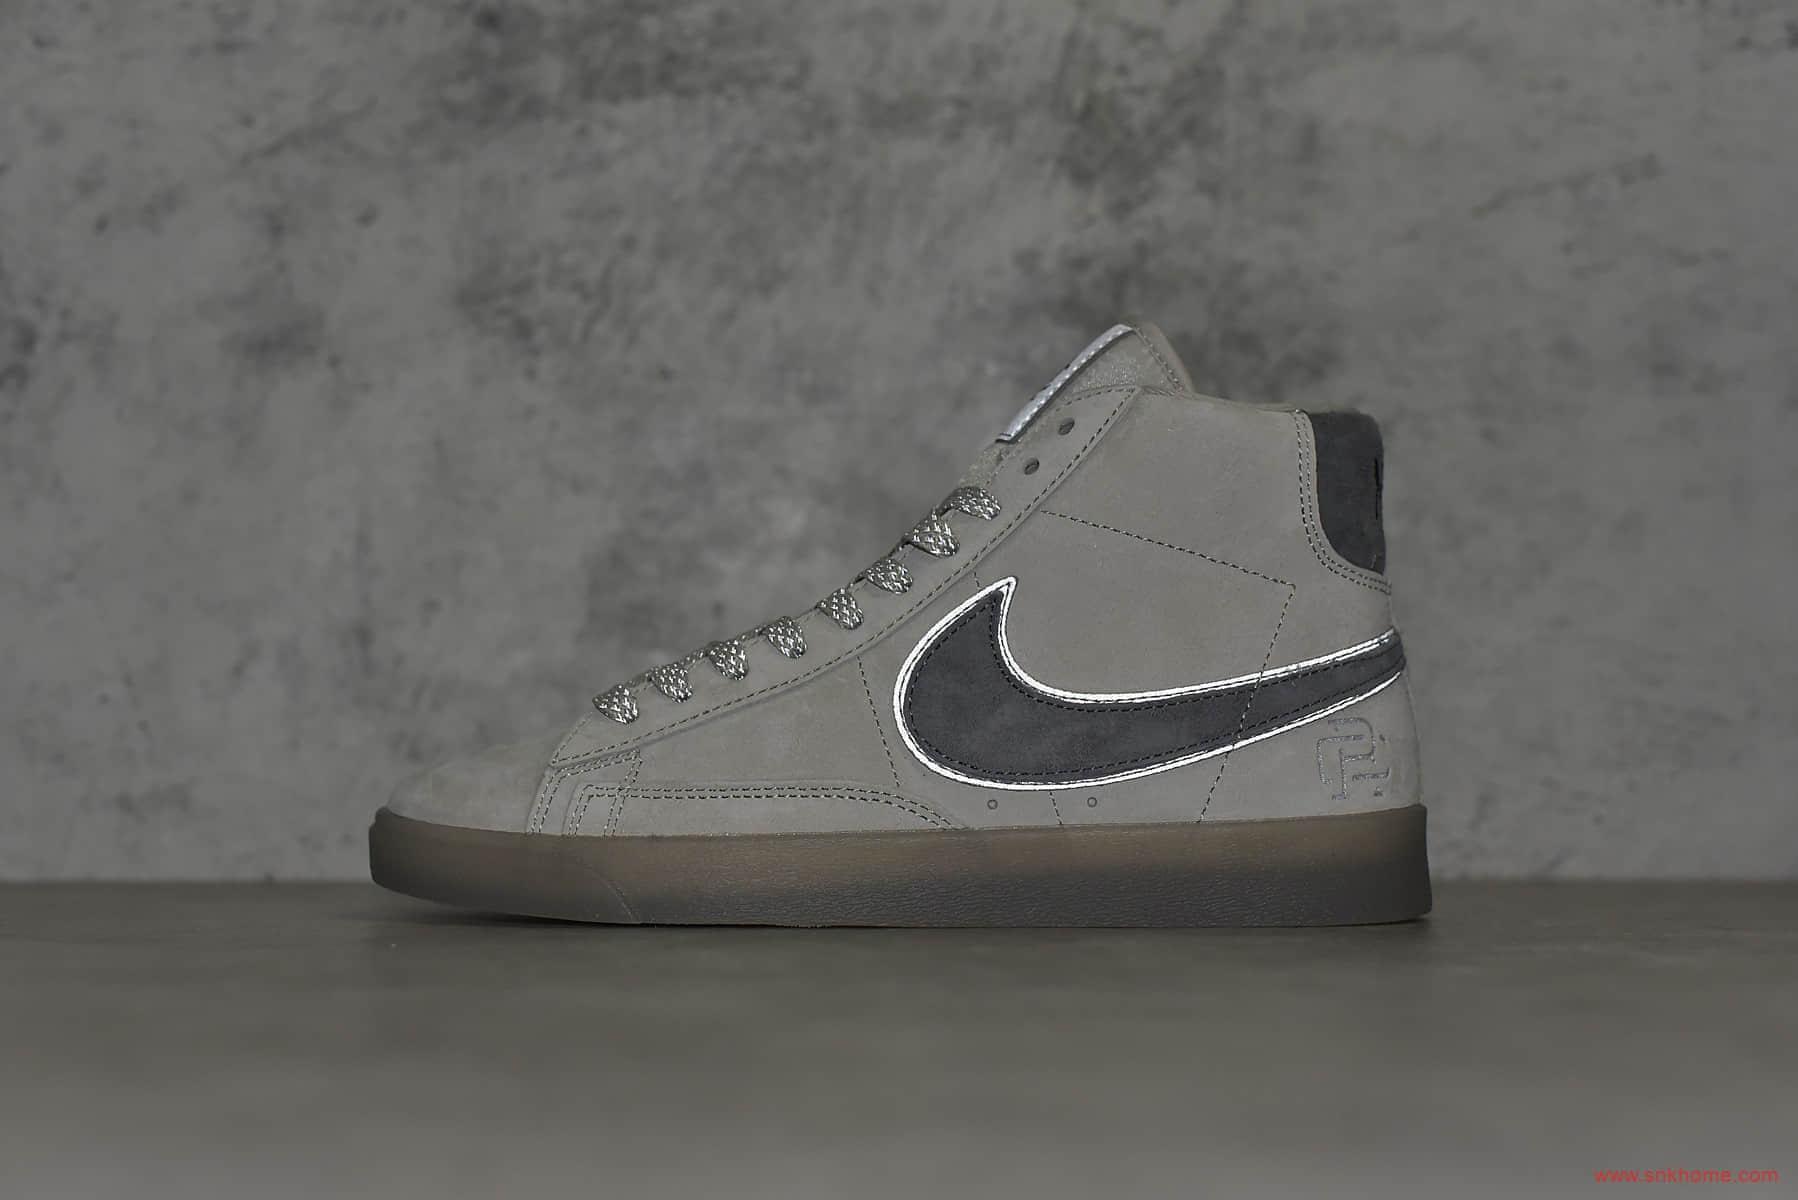 耐克开拓者卫冕冠军联名 Nike Blazer Hi x Reigning Champ 耐克开拓者3M反光灰麂皮高帮板鞋 货号:371761-009-潮流者之家